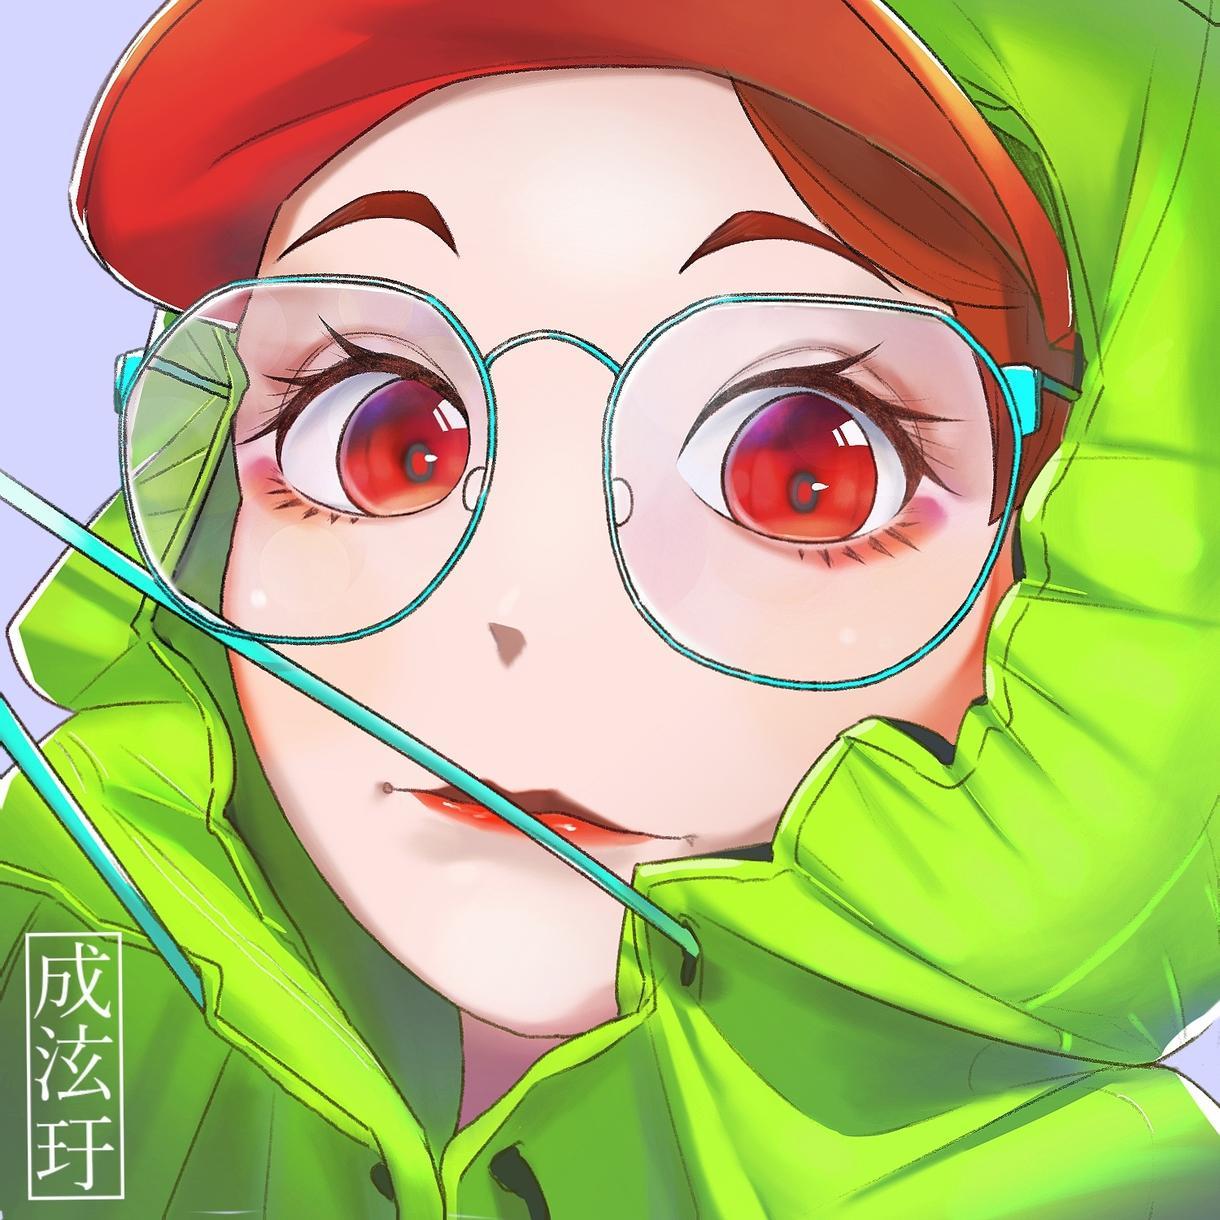 イラストを描きます 角があるキャラクターとか女の子が得意です。 イメージ1